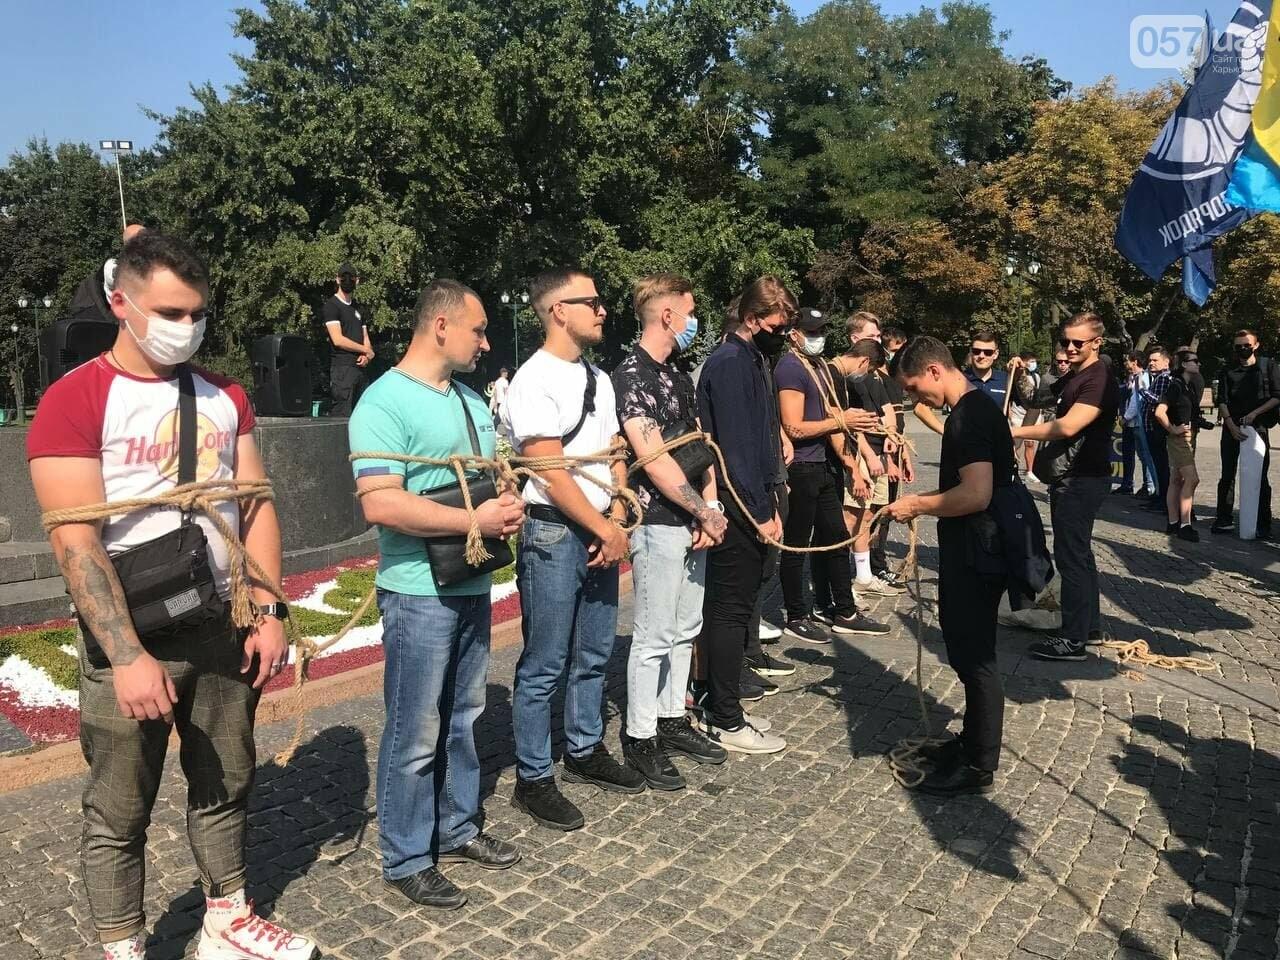 «Связанные» активисты и плакаты напротив дороги: в центре Харькова националисты митинговали против ЛГБТ-марша, - ФОТОРЕПОРТАЖ, фото-7